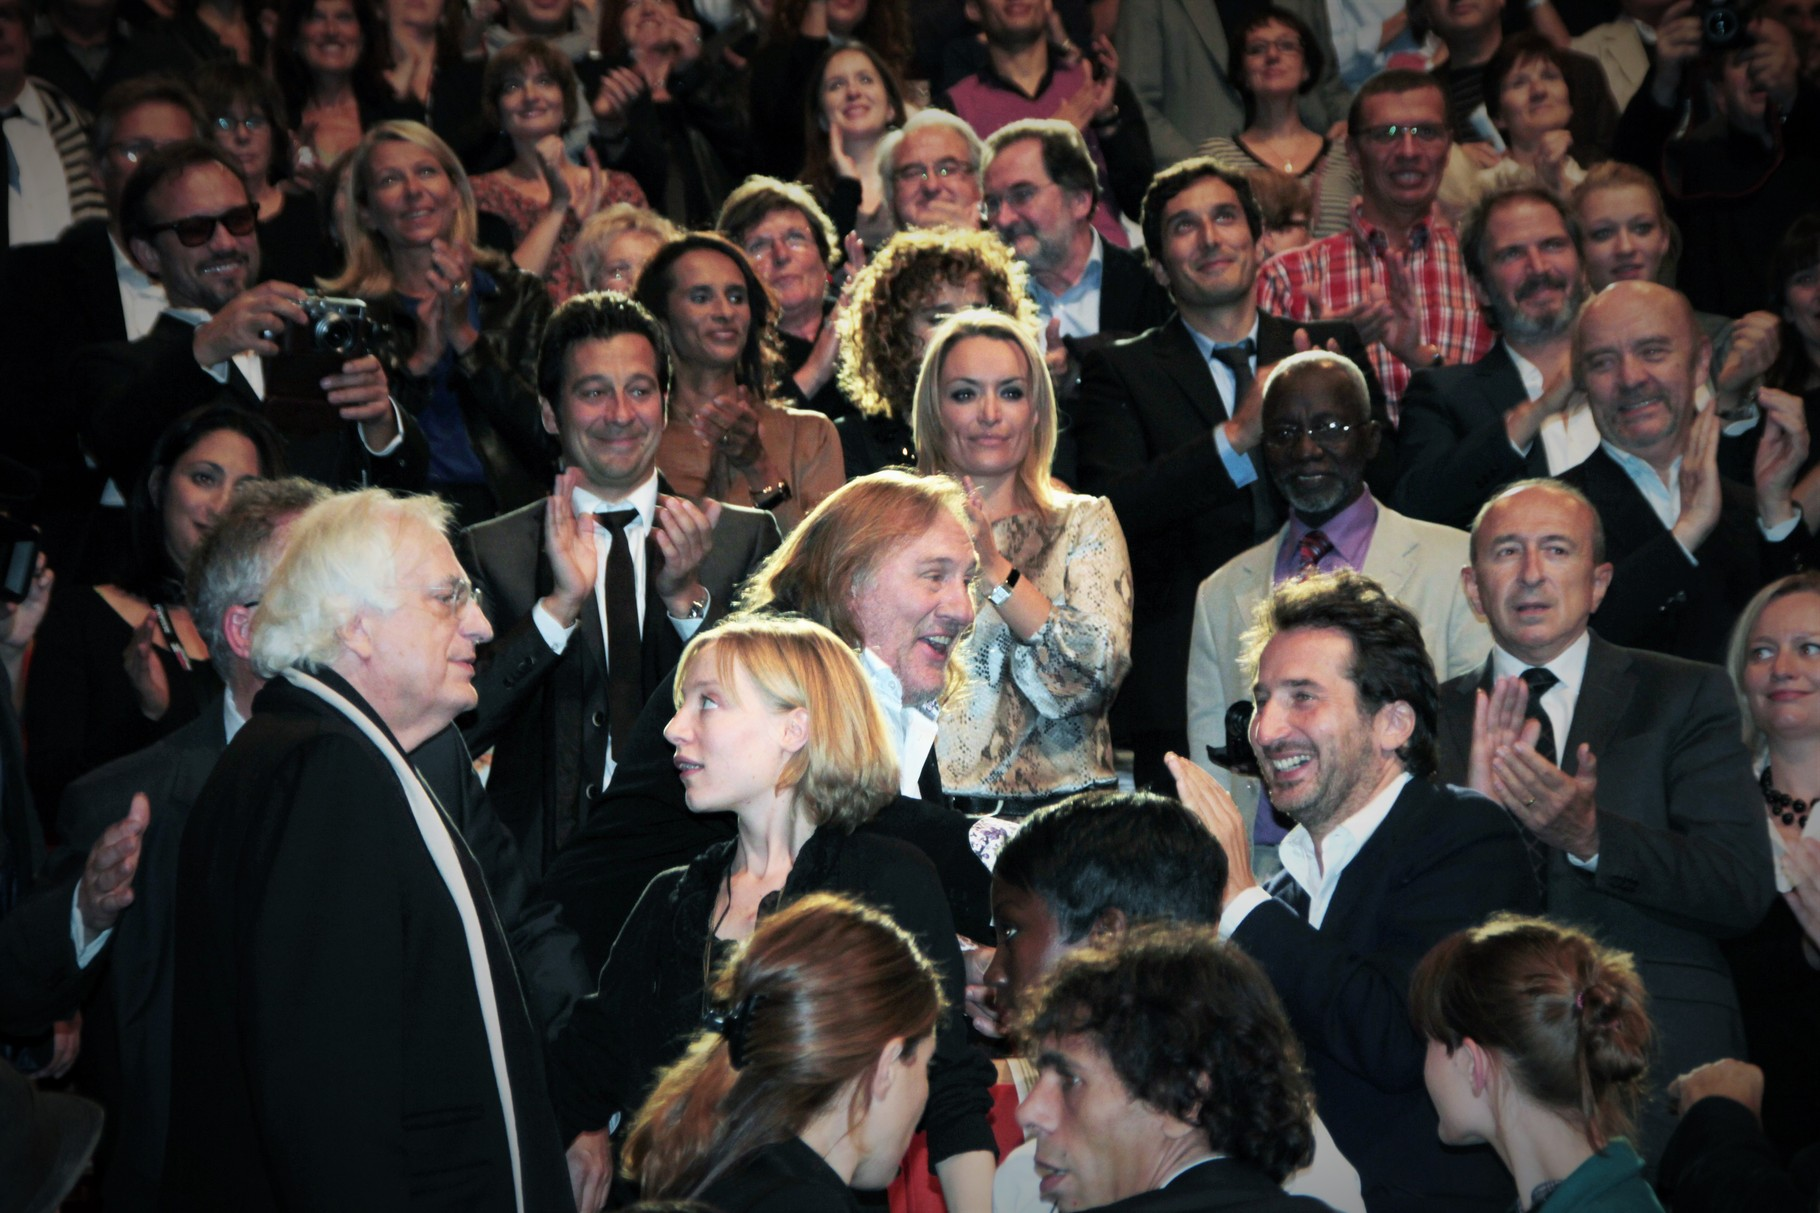 Gérard Depardieu, parmi les invités, lors de la  remise du Prix Lumière à Gérard Depardieu - Festival Lumière 2011 - Lyon - Photo © Anik COUBLE